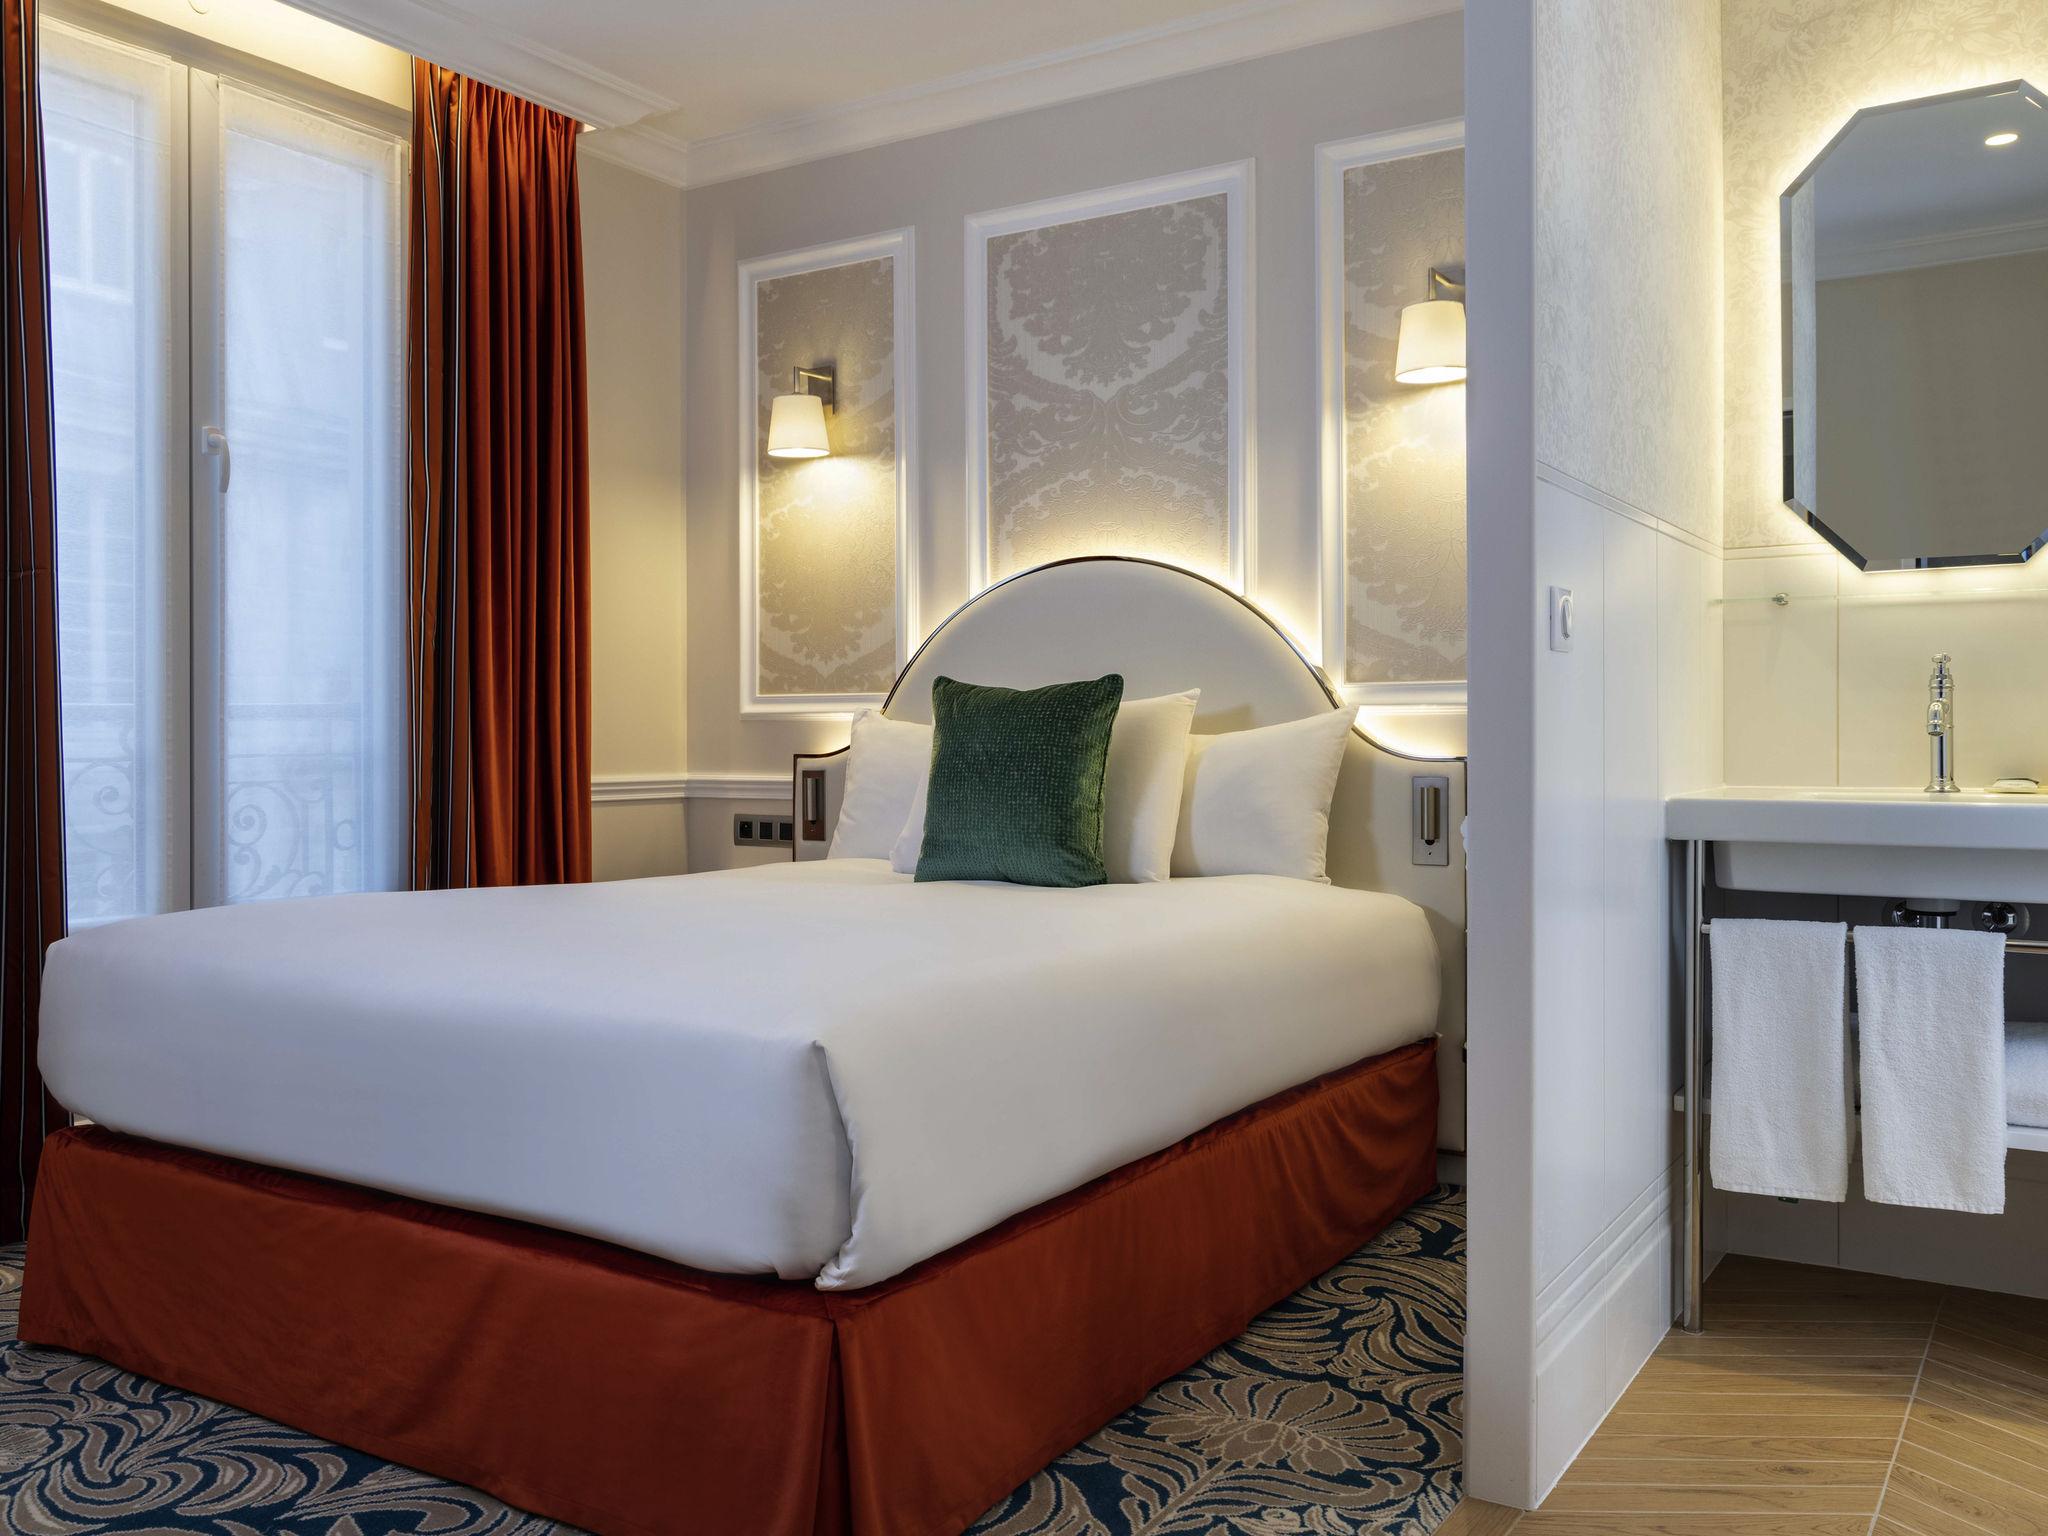 Hotell – Mercure Paris La Sorbonne Saint Germain des Prés Hotel